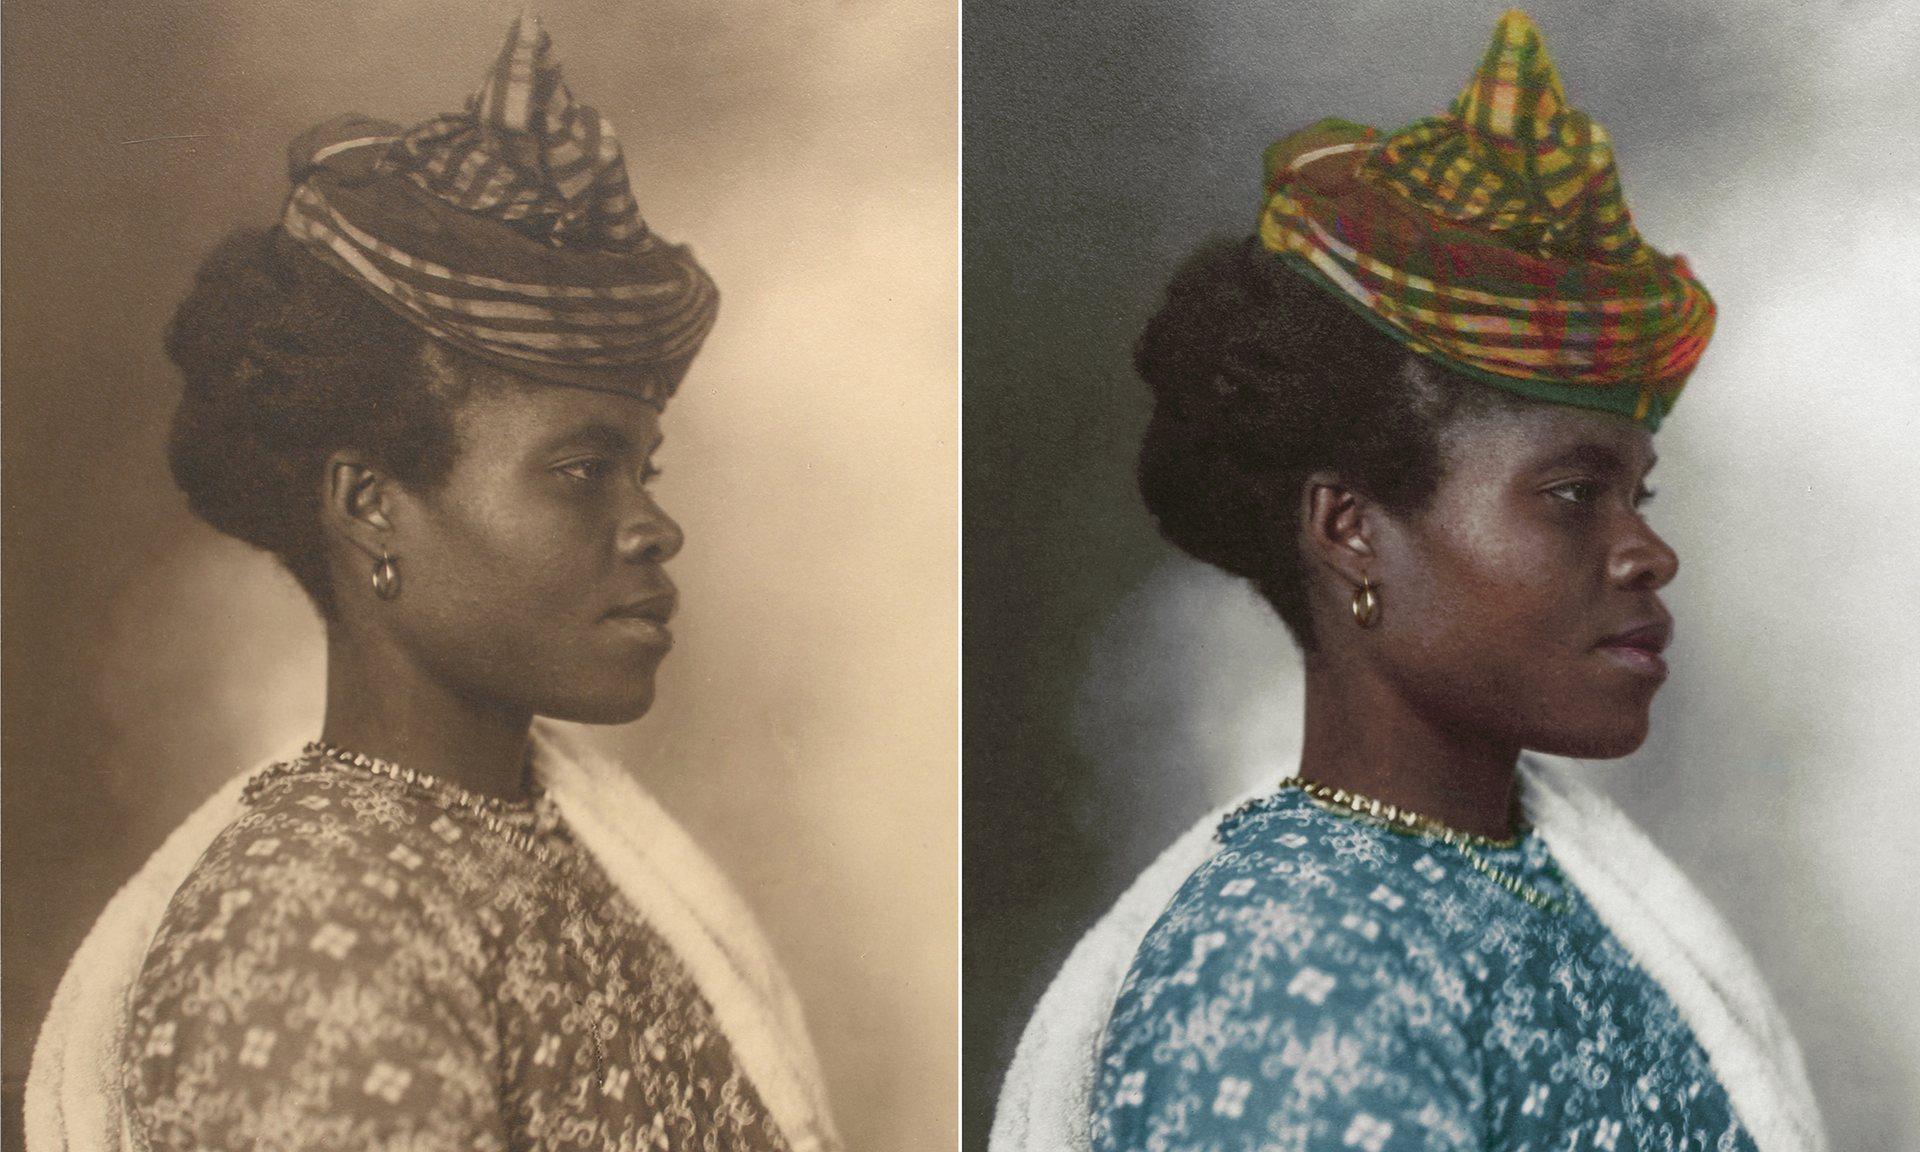 Una mujer de Guadalupe en 1911, vistiendo traje tradicional, incluyendo un casco de tartán elaborado que se remonta a la Edad Media